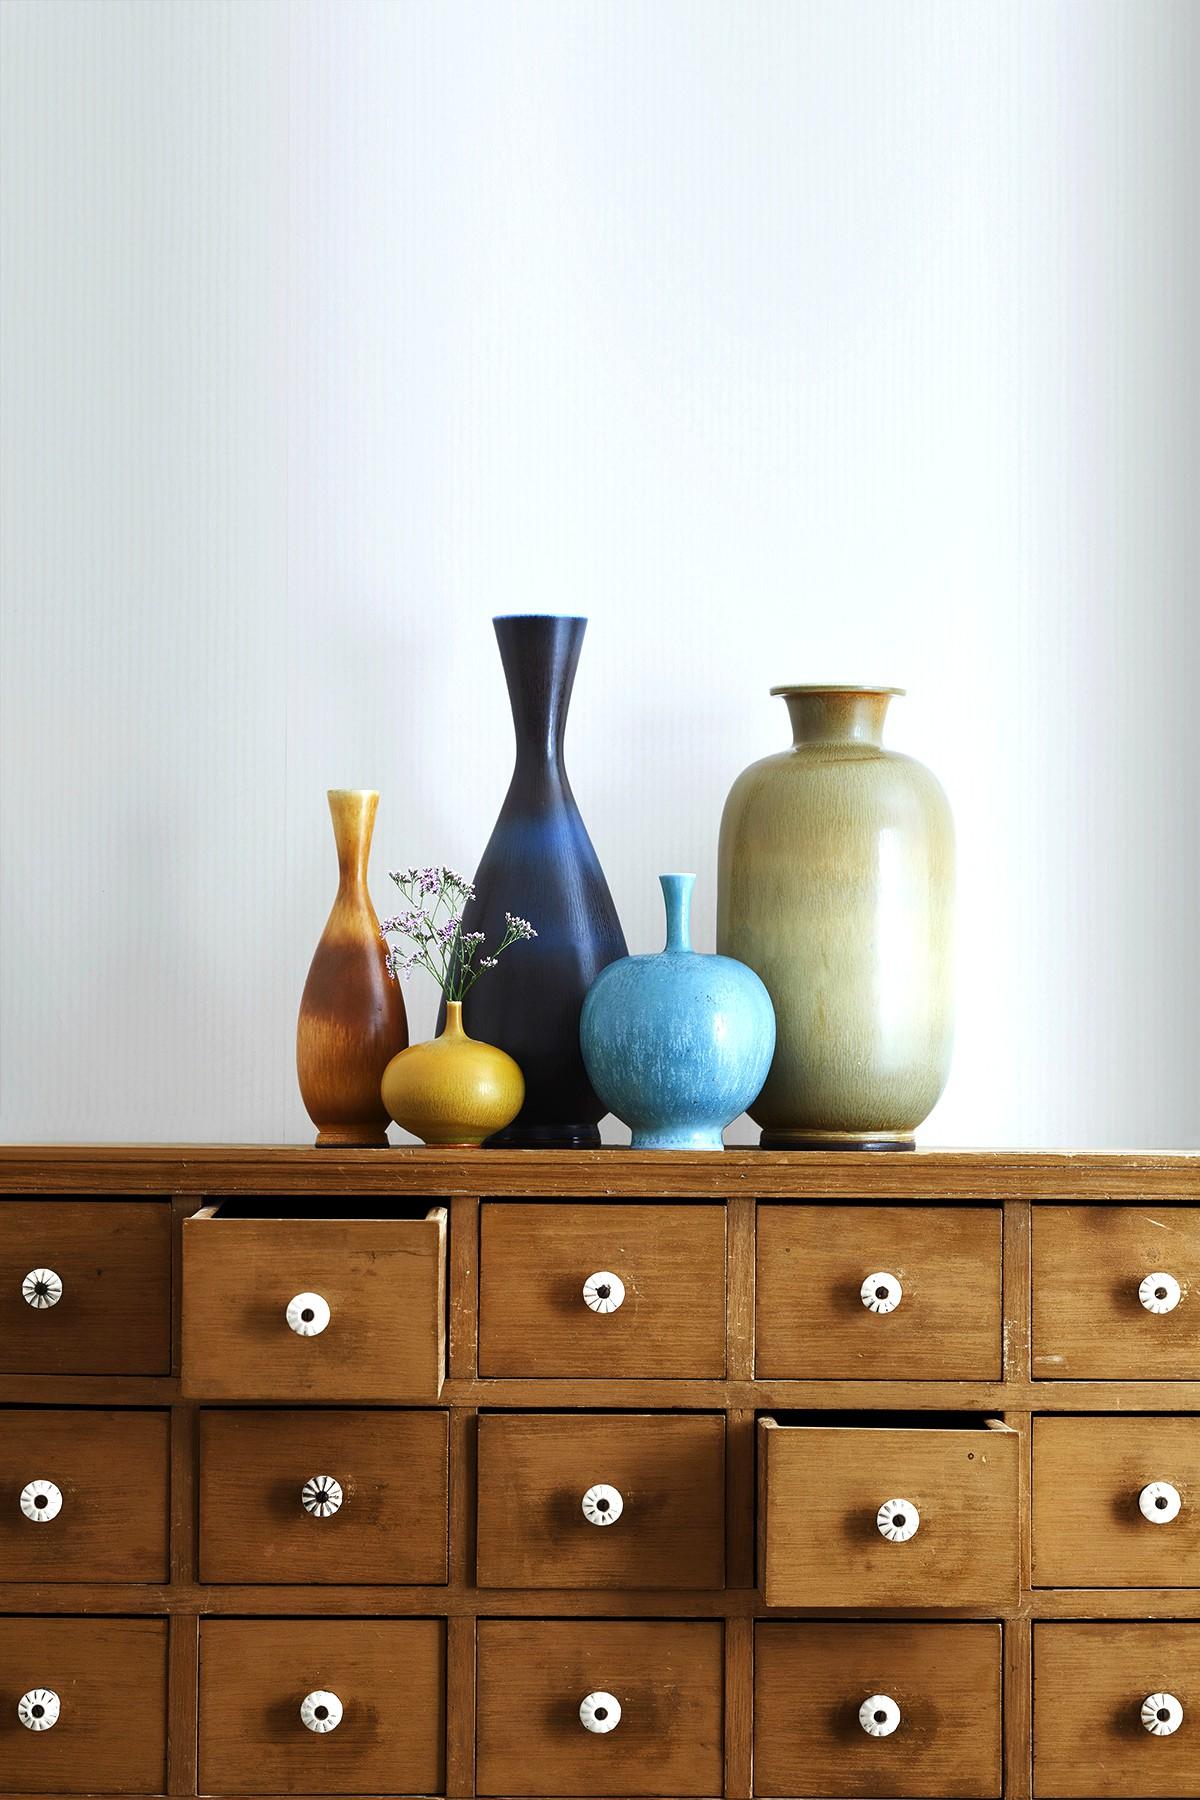 Har du en skatt gömd där hemma? – Få dina föremål värderade online!